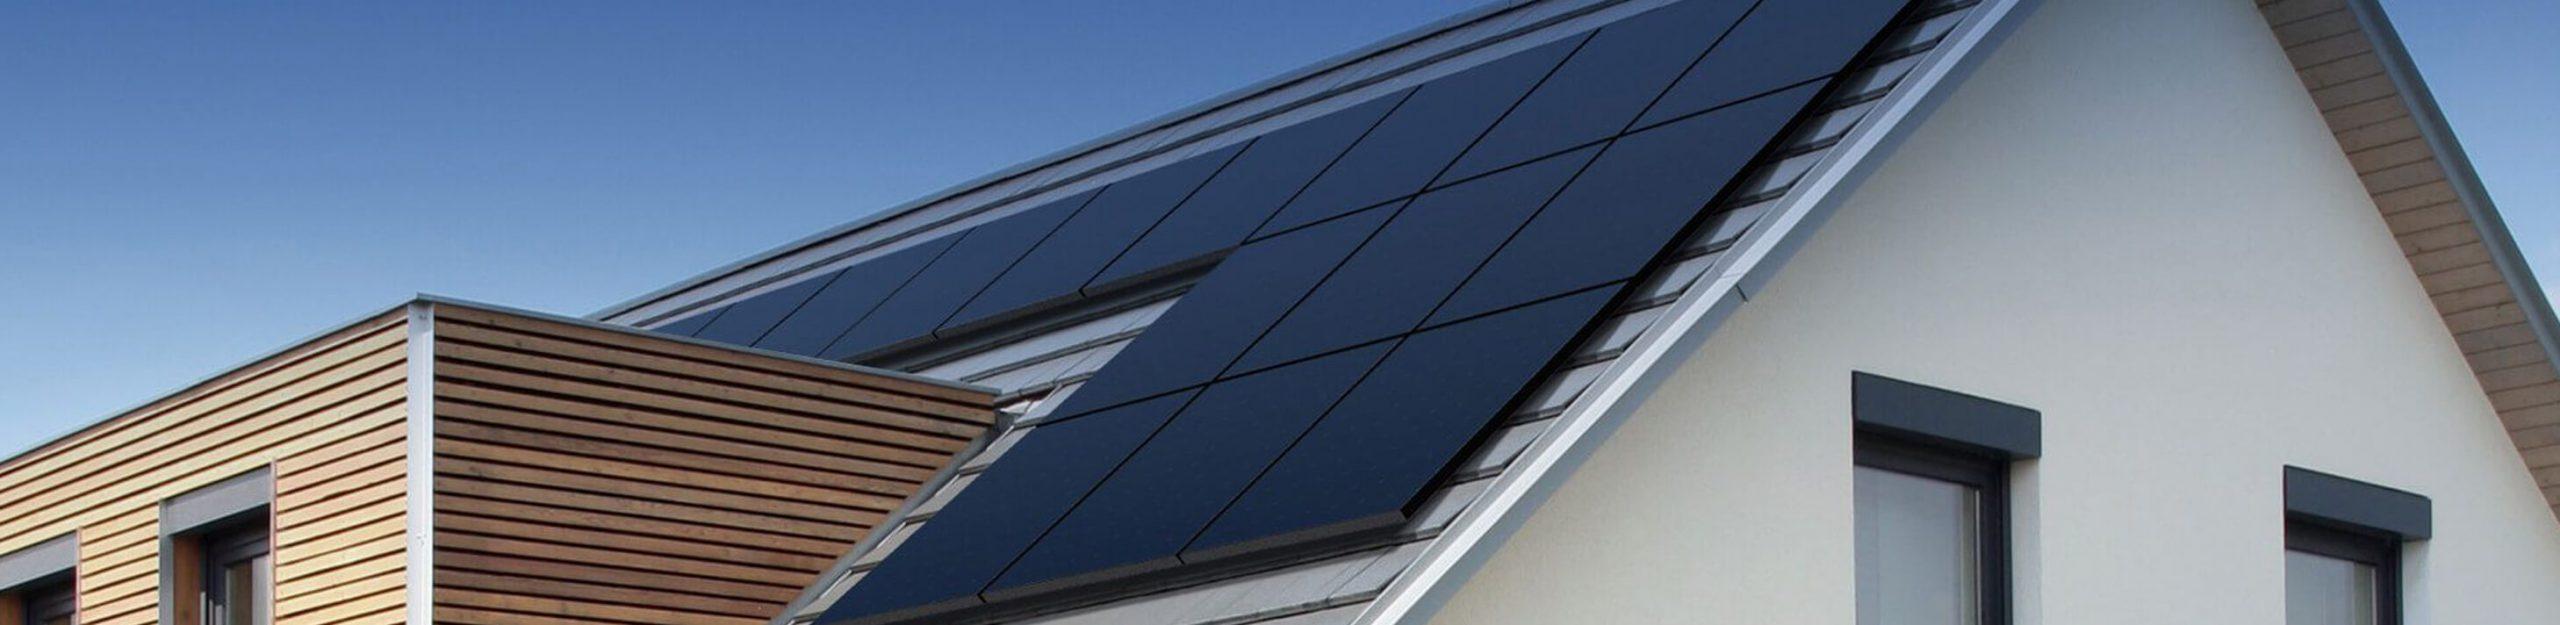 sunpower full width scaled - SunPower Solar Panels